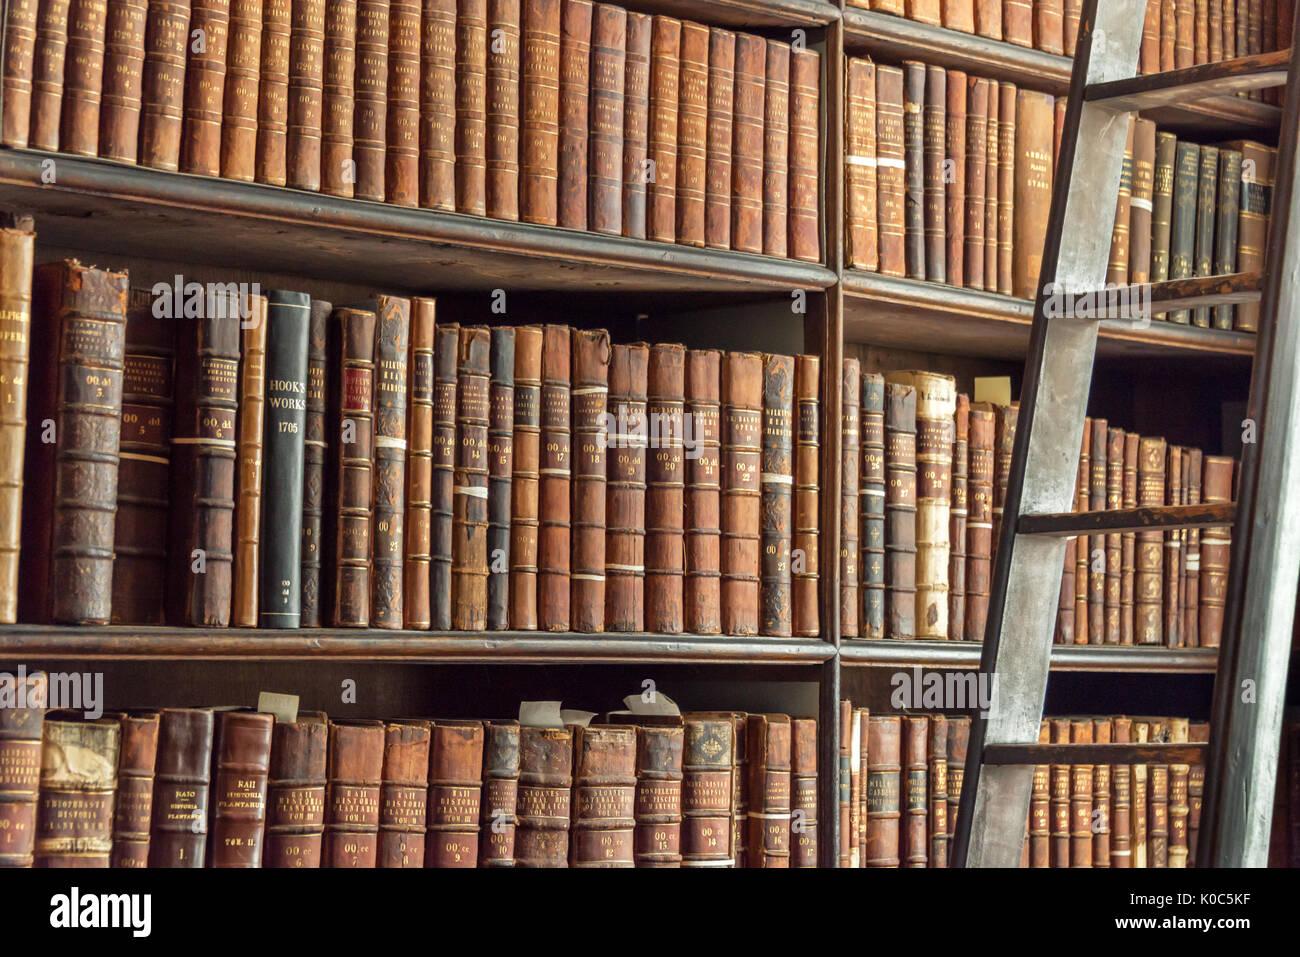 Alte Vintage Books Auf Holz Bücherregal Und Leiter In Einer